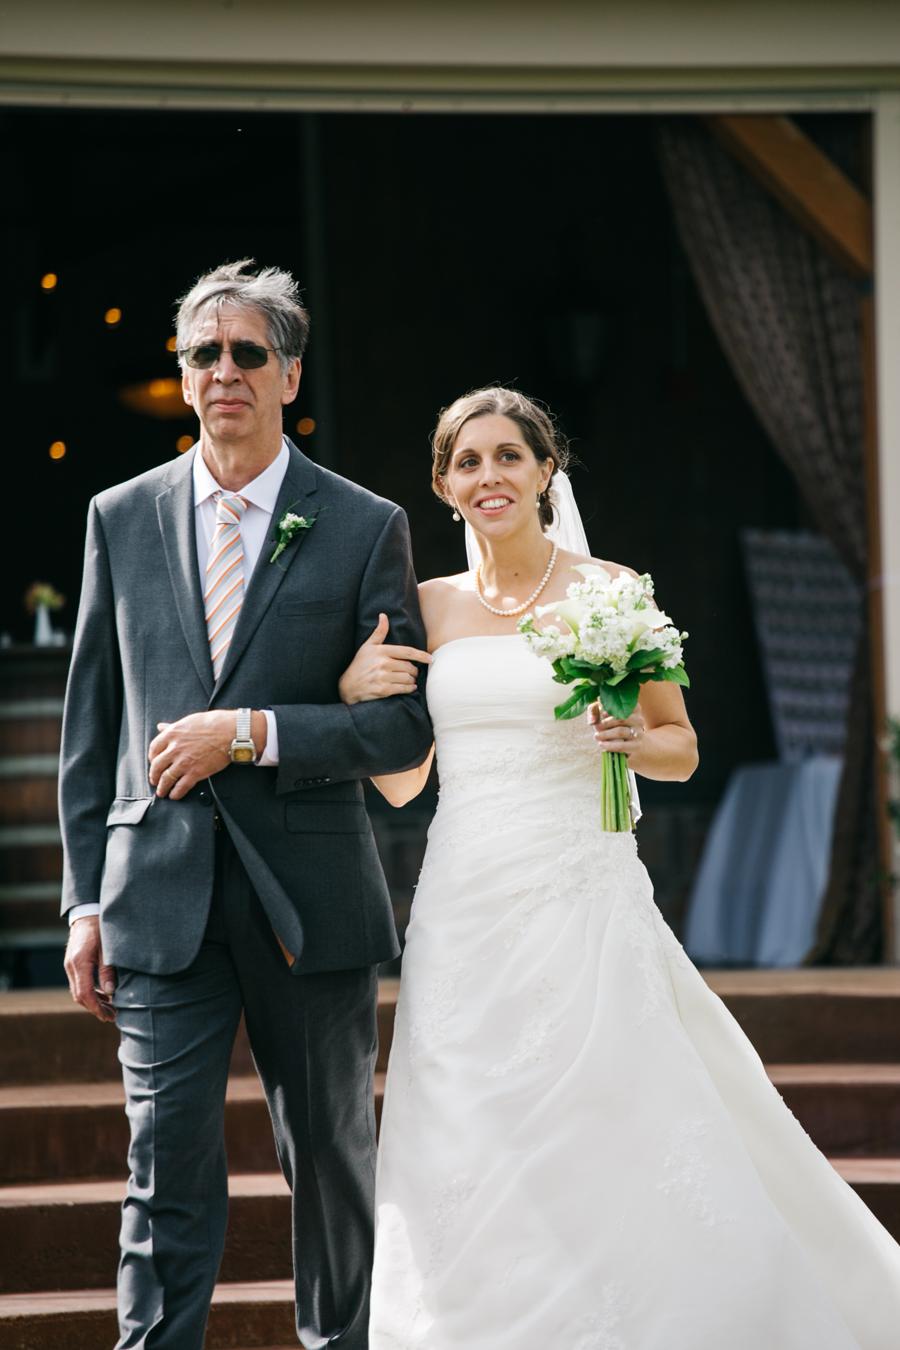 052-bellingham-wedding-photographer-katheryn-moran-photography-hidden-meadows.jpg